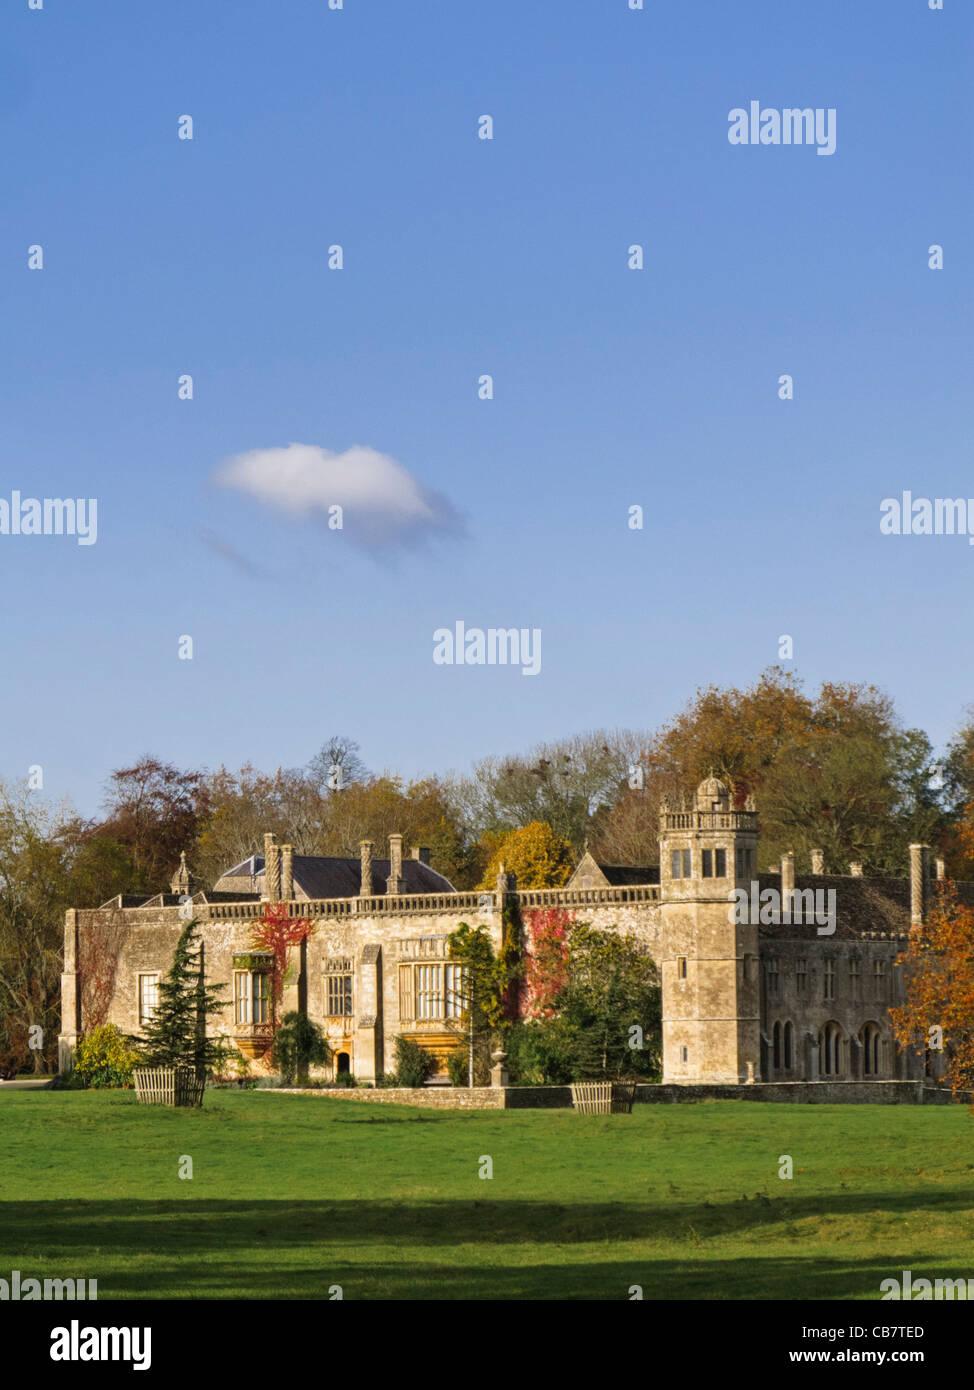 Lacock Abbey - alte, historische Landhaus in Wiltshire, England, UK Stockbild